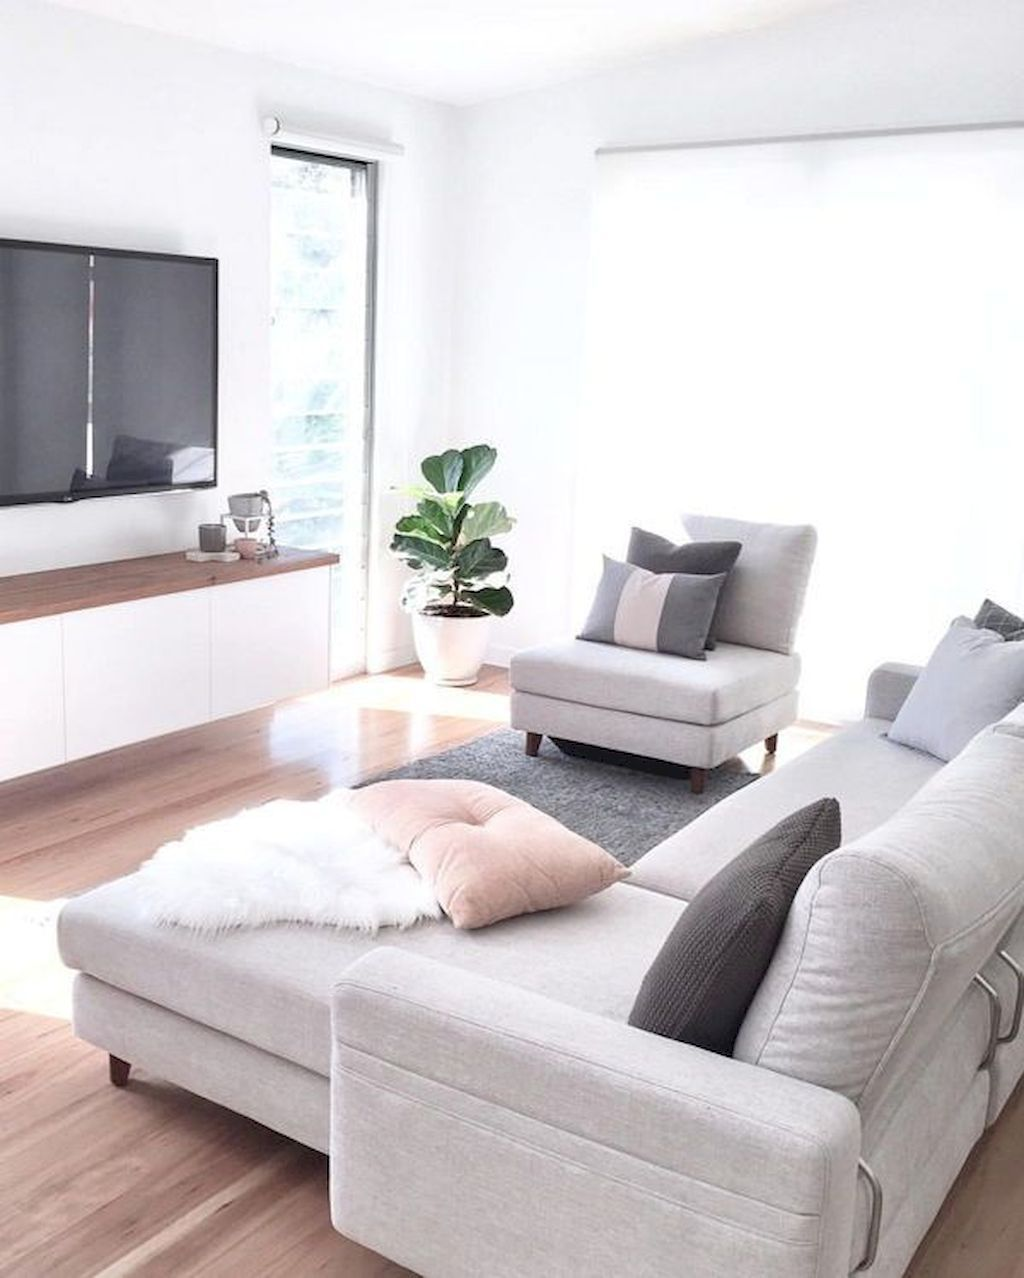 Small Livingroom 84 Javgohome Home Inspiration Small Living Room Design Small Living Room Decor Apartment Living Room #pictures #of #small #living #room